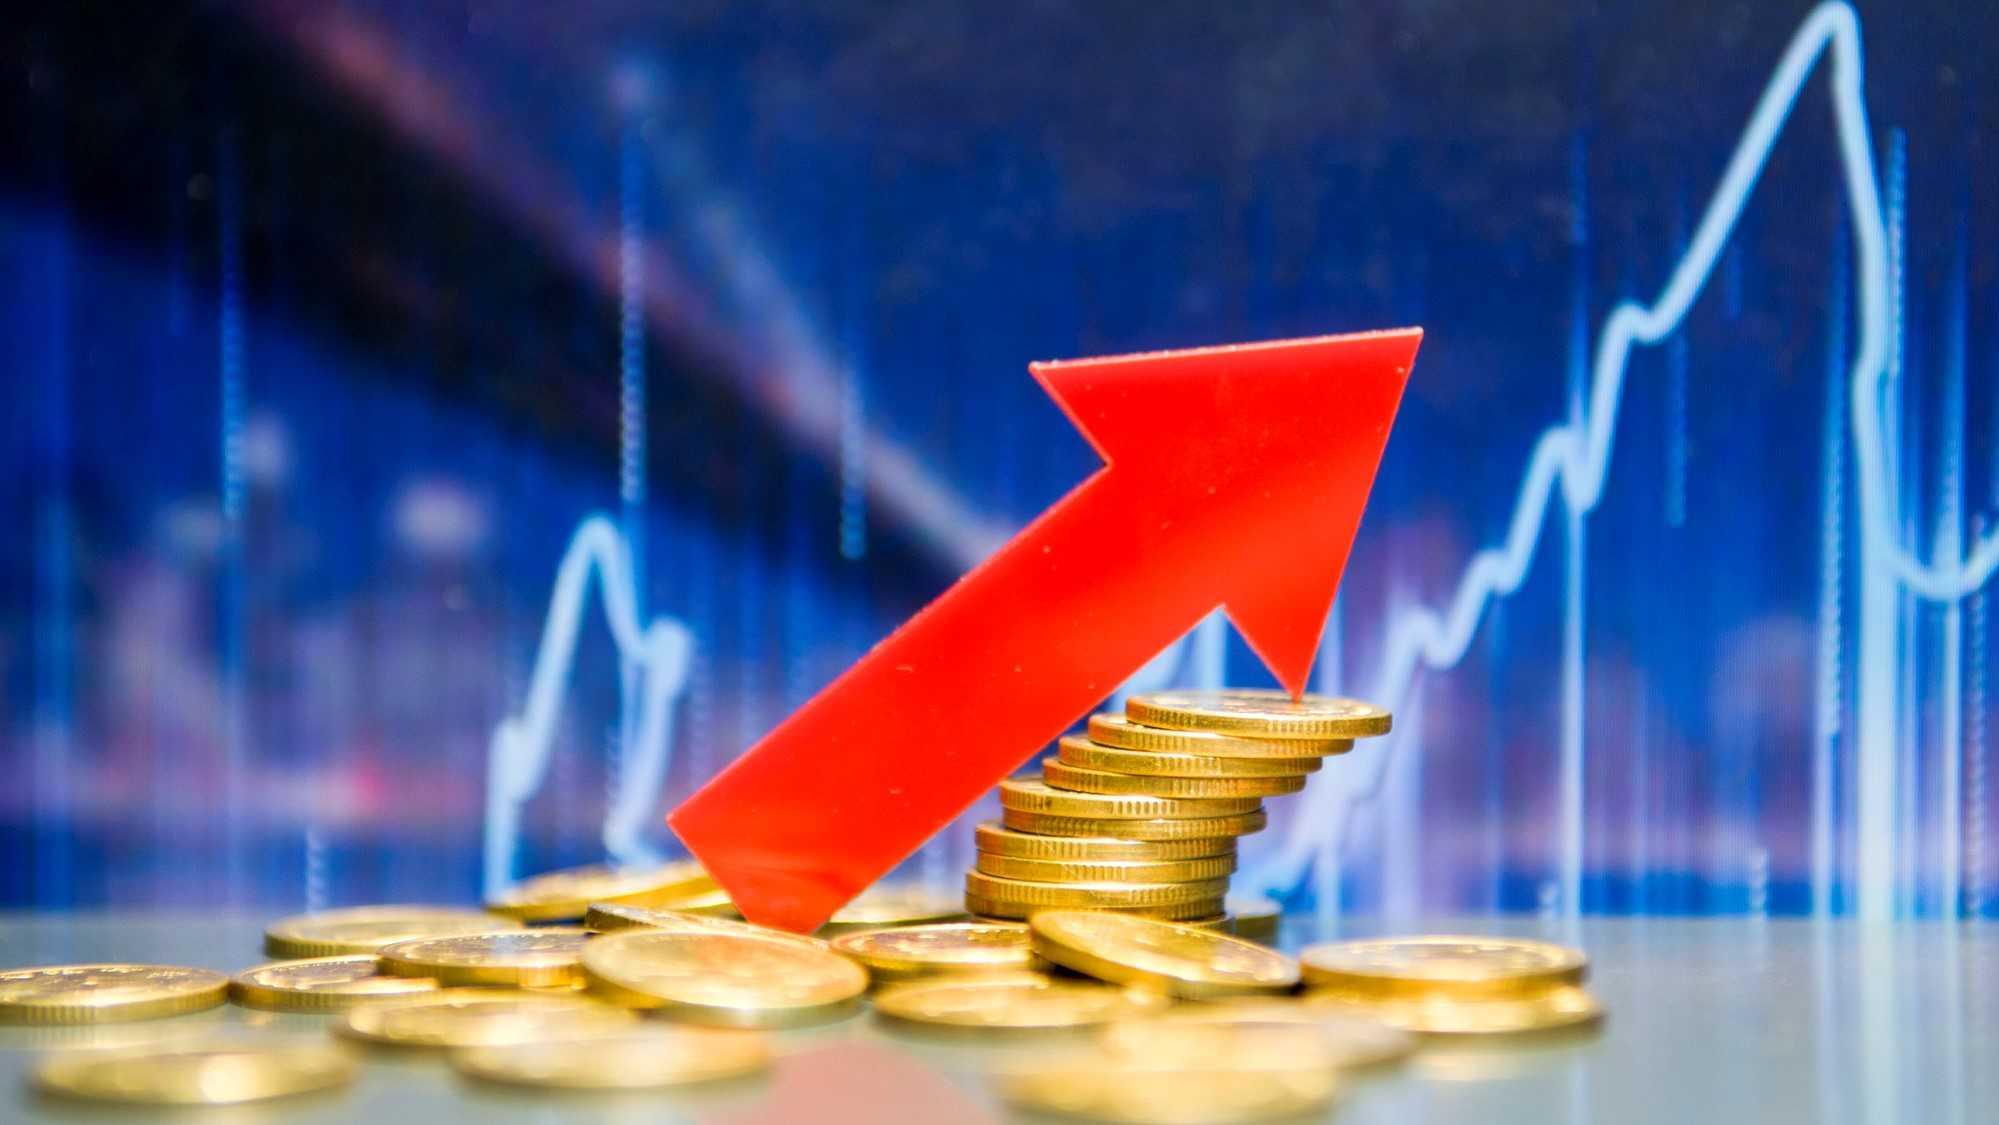 【申万宏源金融】海通证券一季报点评:业绩大超预期,大自营弹性显现